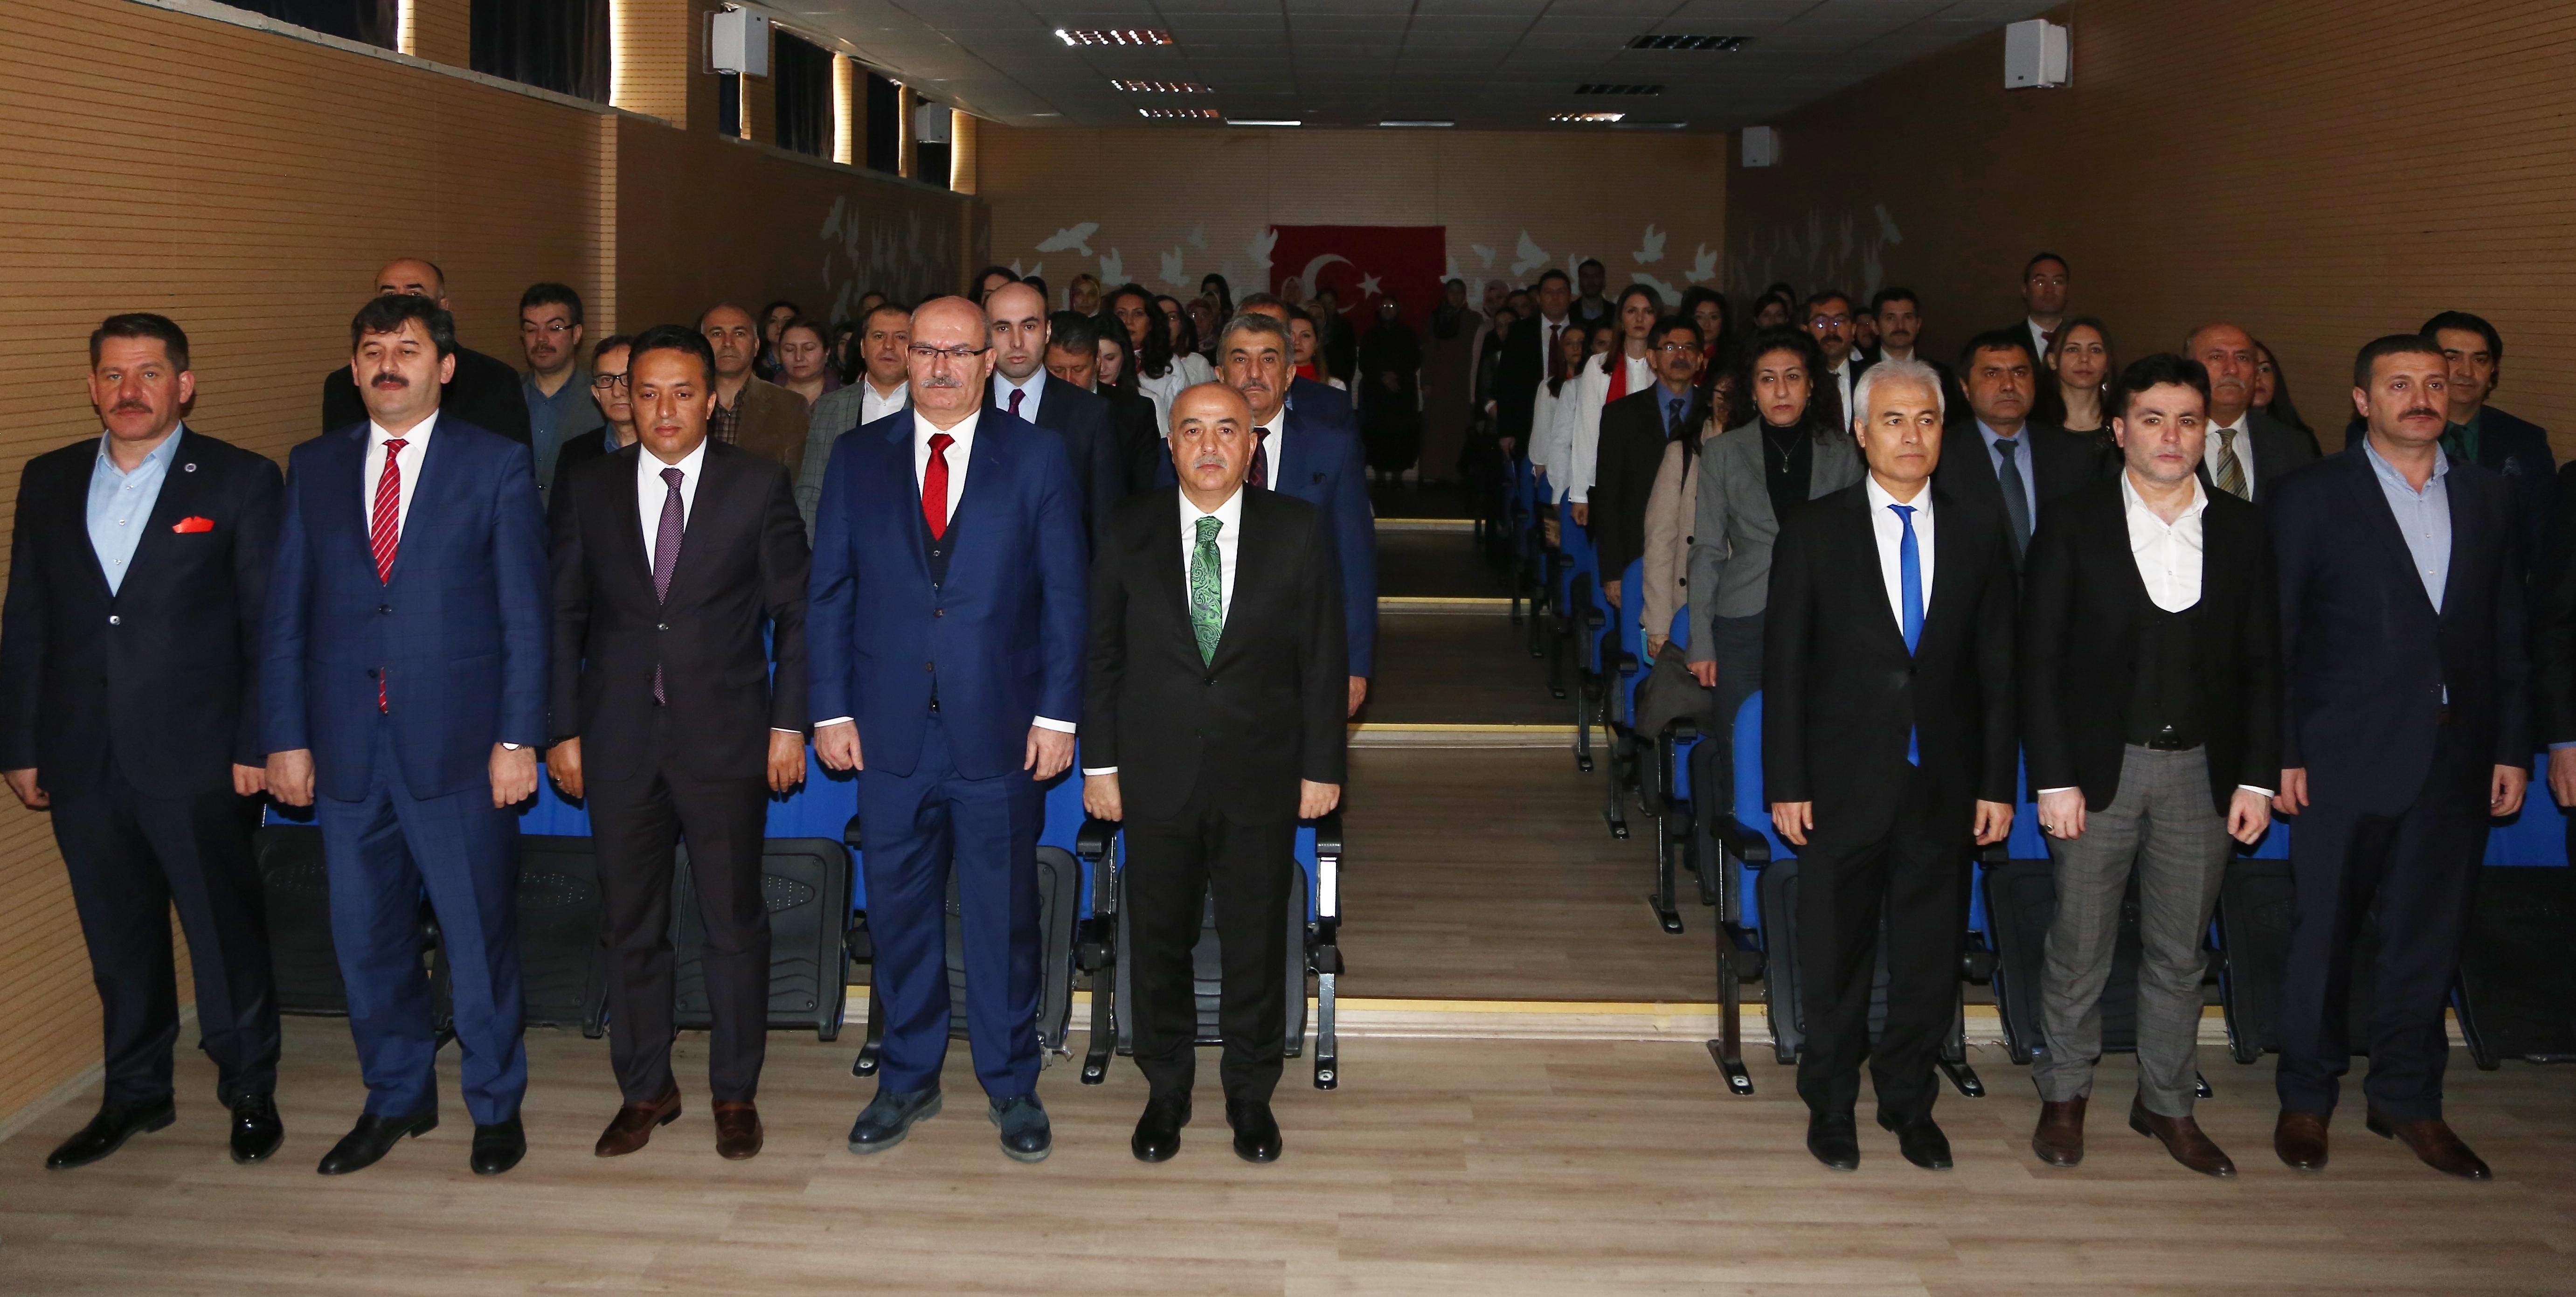 Genel Başkanımız Budak, Şehit Ömer Halisdemir'i Anma Programı'na katıldı